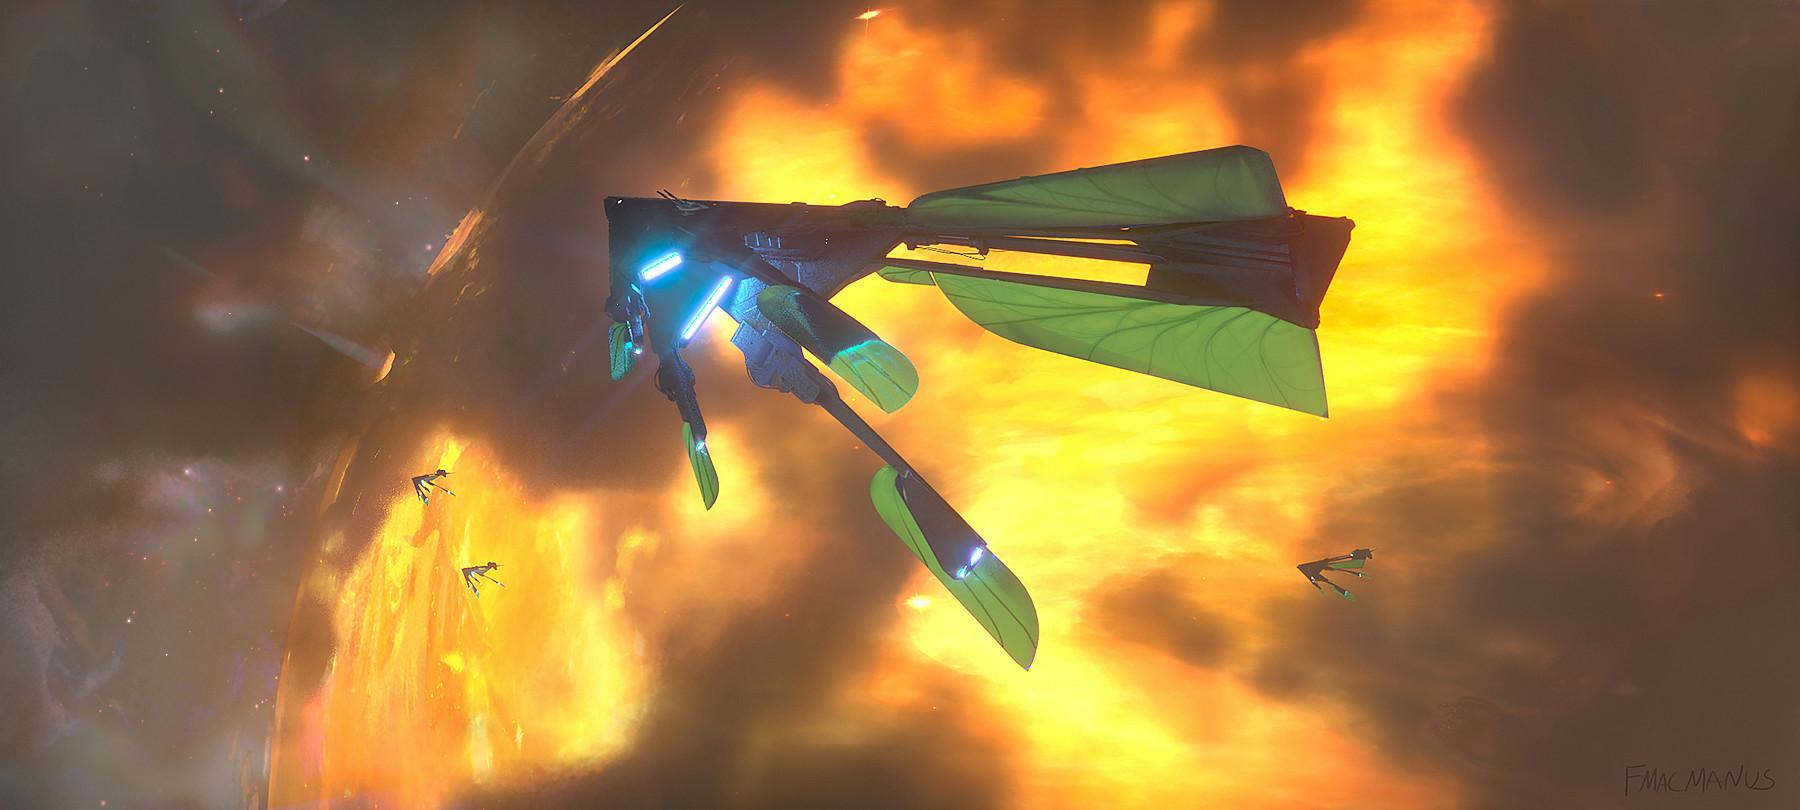 finnian-macmanus-nebula-v.jpg